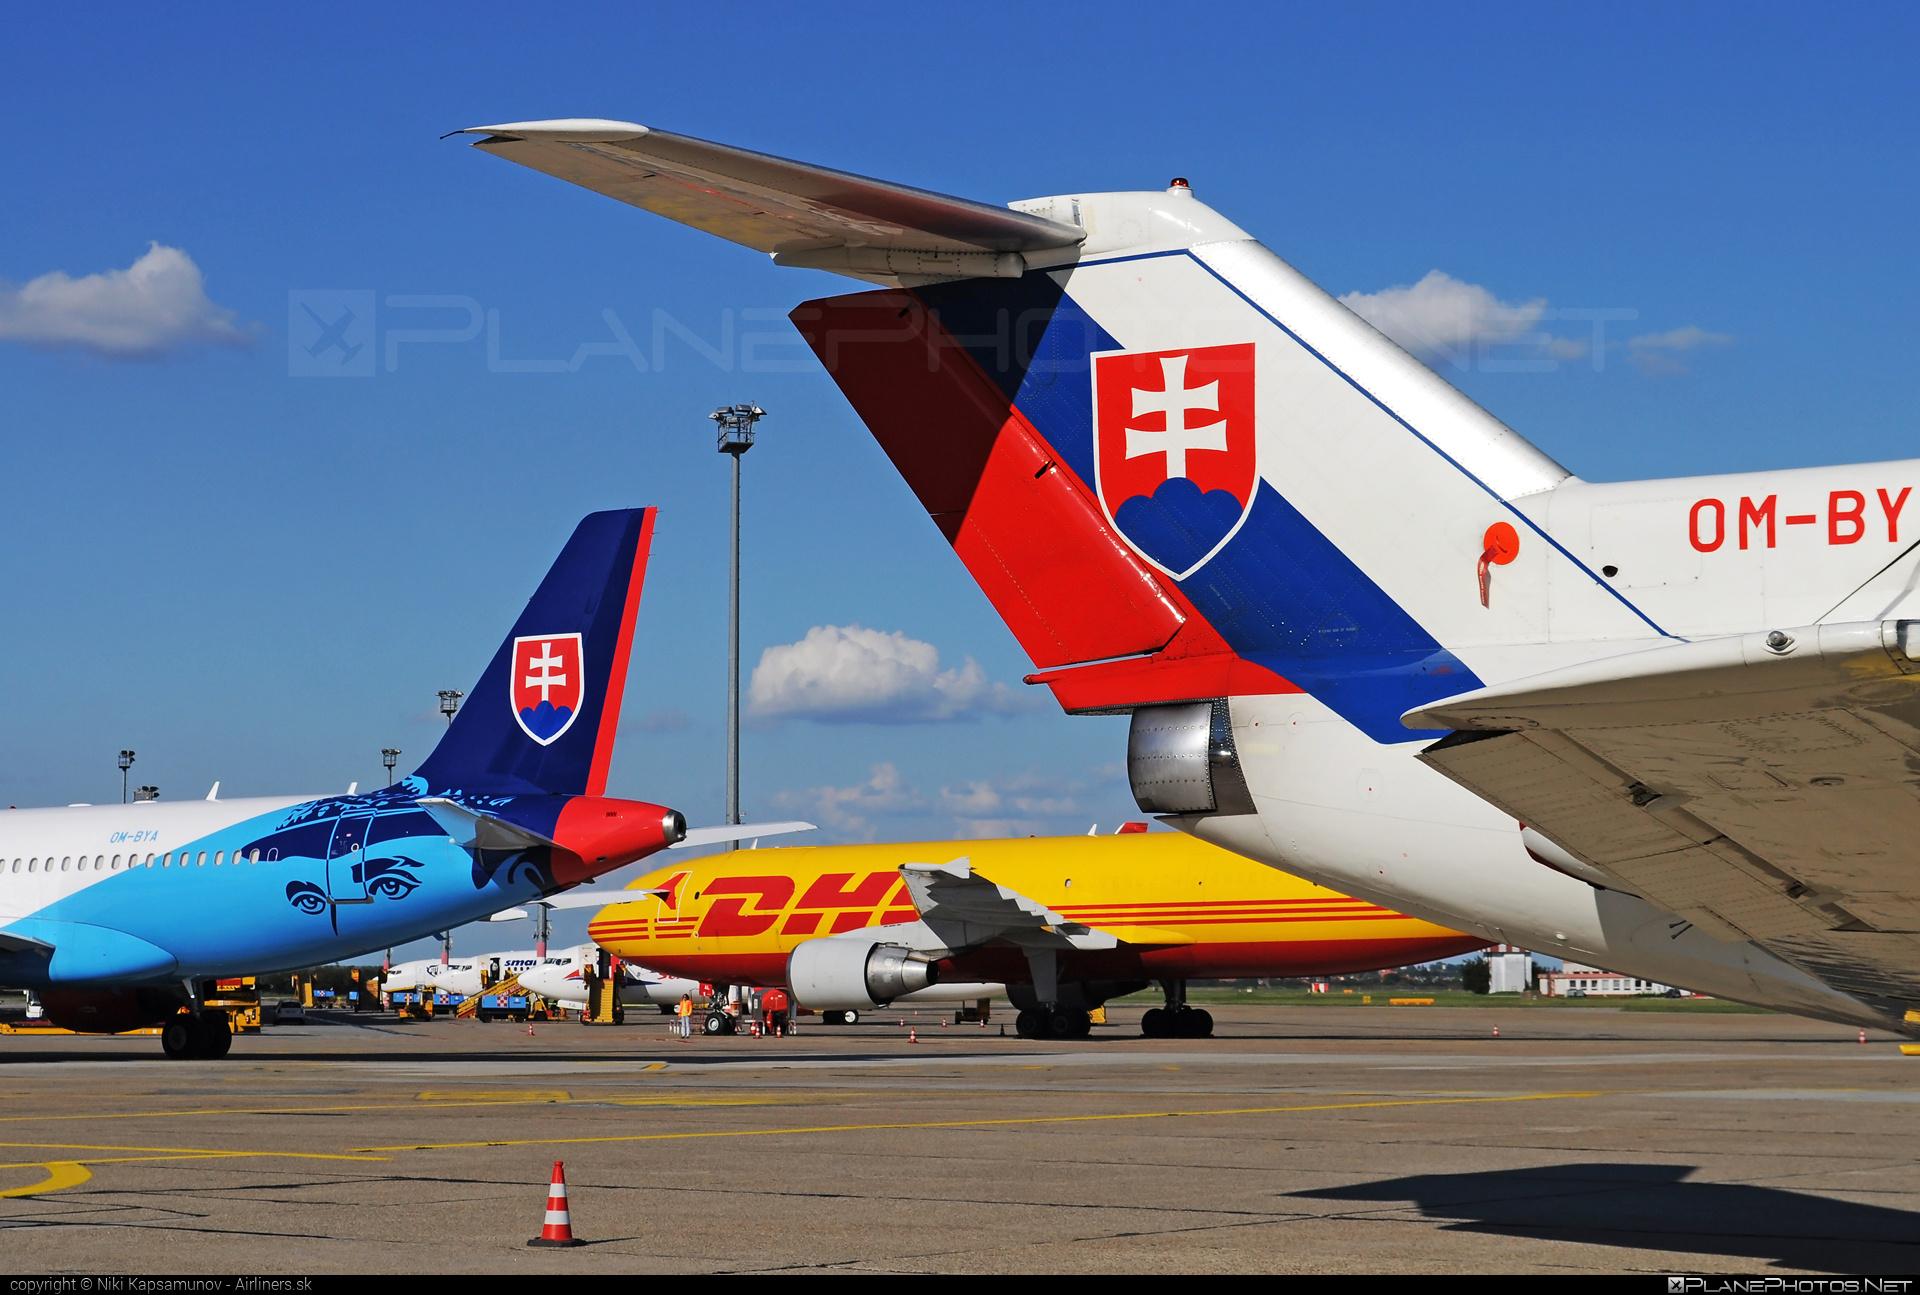 Yakovlev Yak-40 - OM-BYL operated by Letecký útvar MV SR (Slovak Government Flying Service) #SlovakGovernmentFlyingService #leteckyutvarMVSR #yak #yak40 #yakovlev